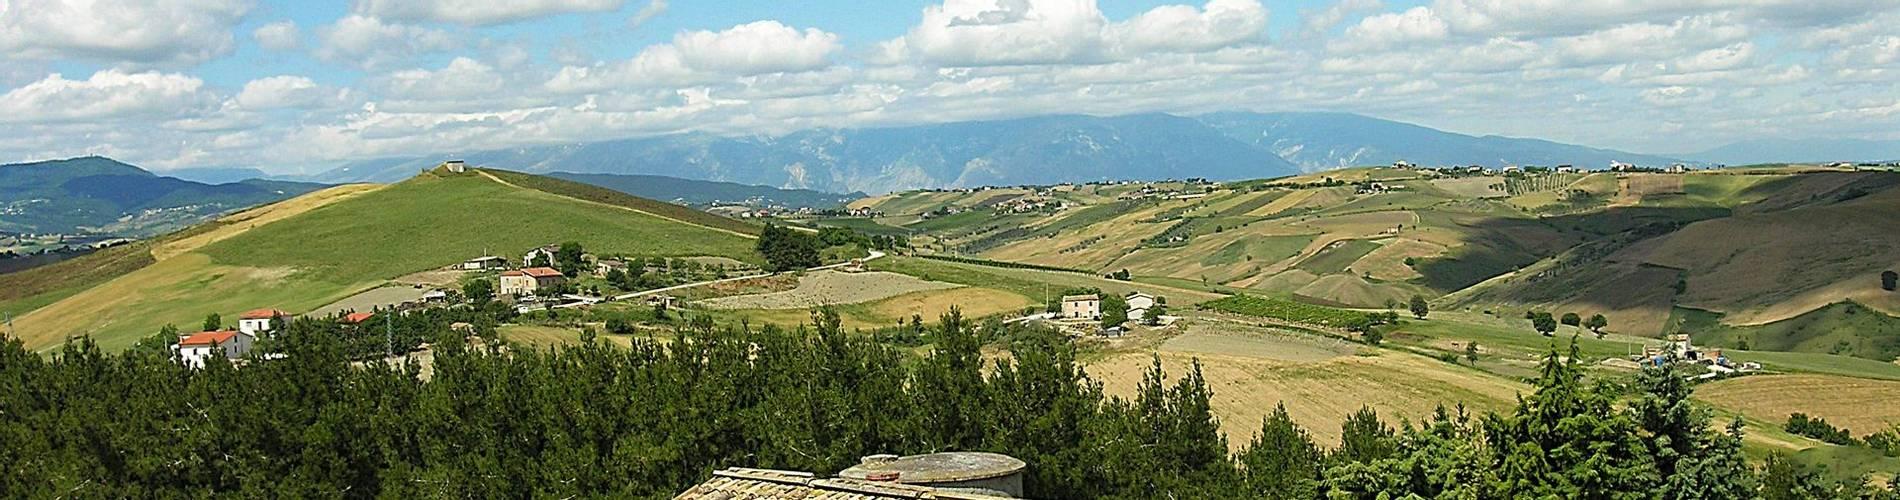 Fattoria Dell'Uliveto, Abruzzo, Italy (3).jpg